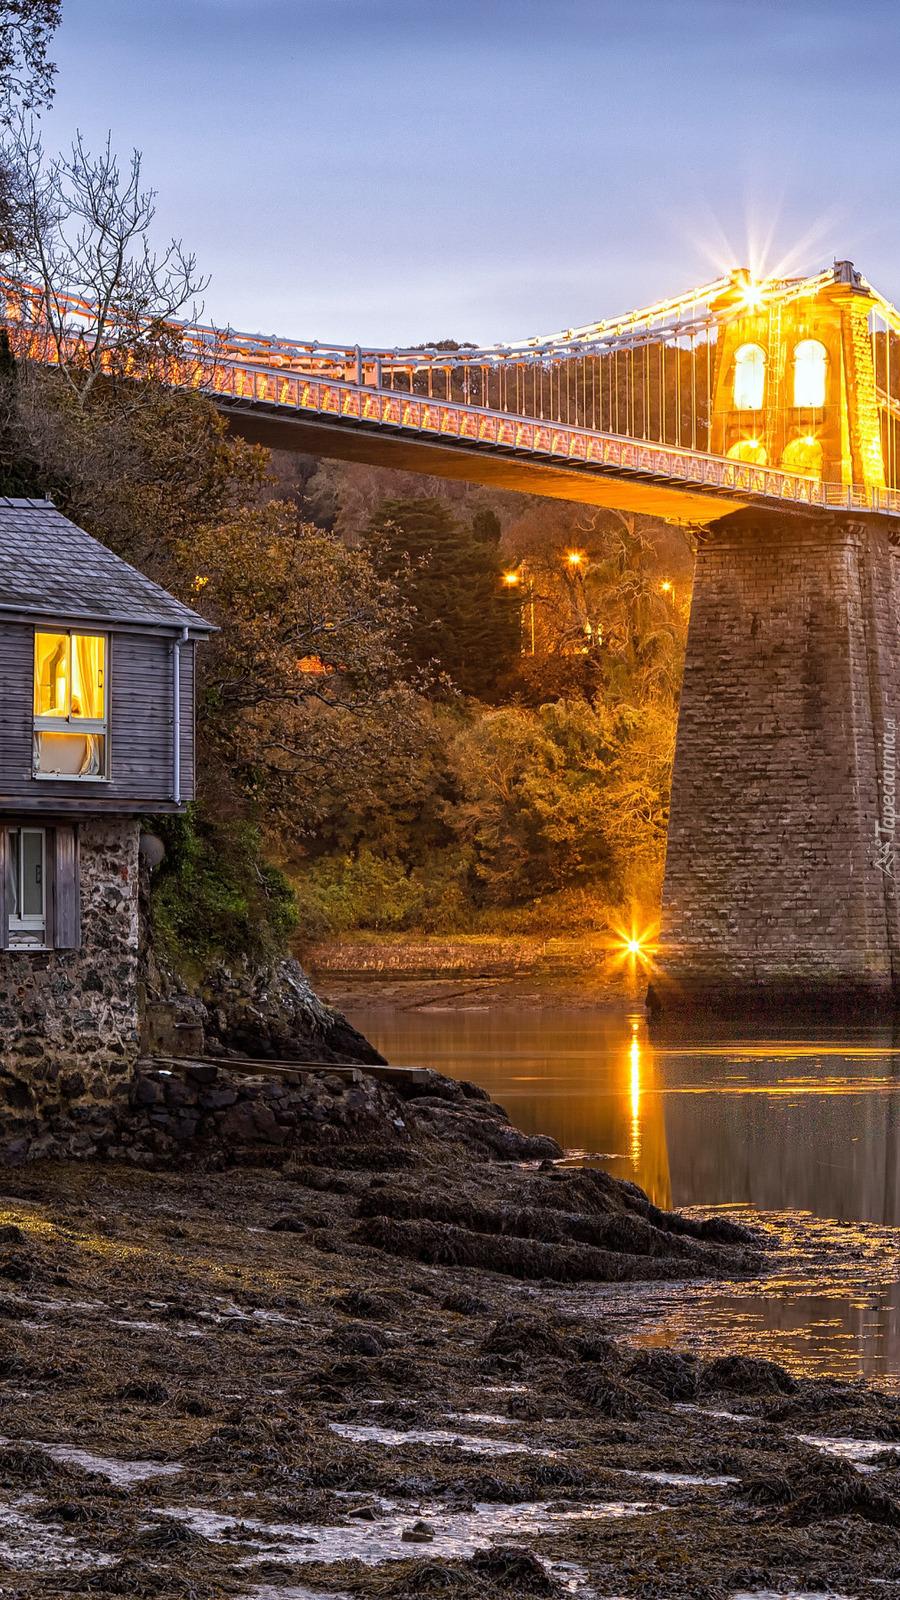 Dom obok mostu Menai Suspension Bridge